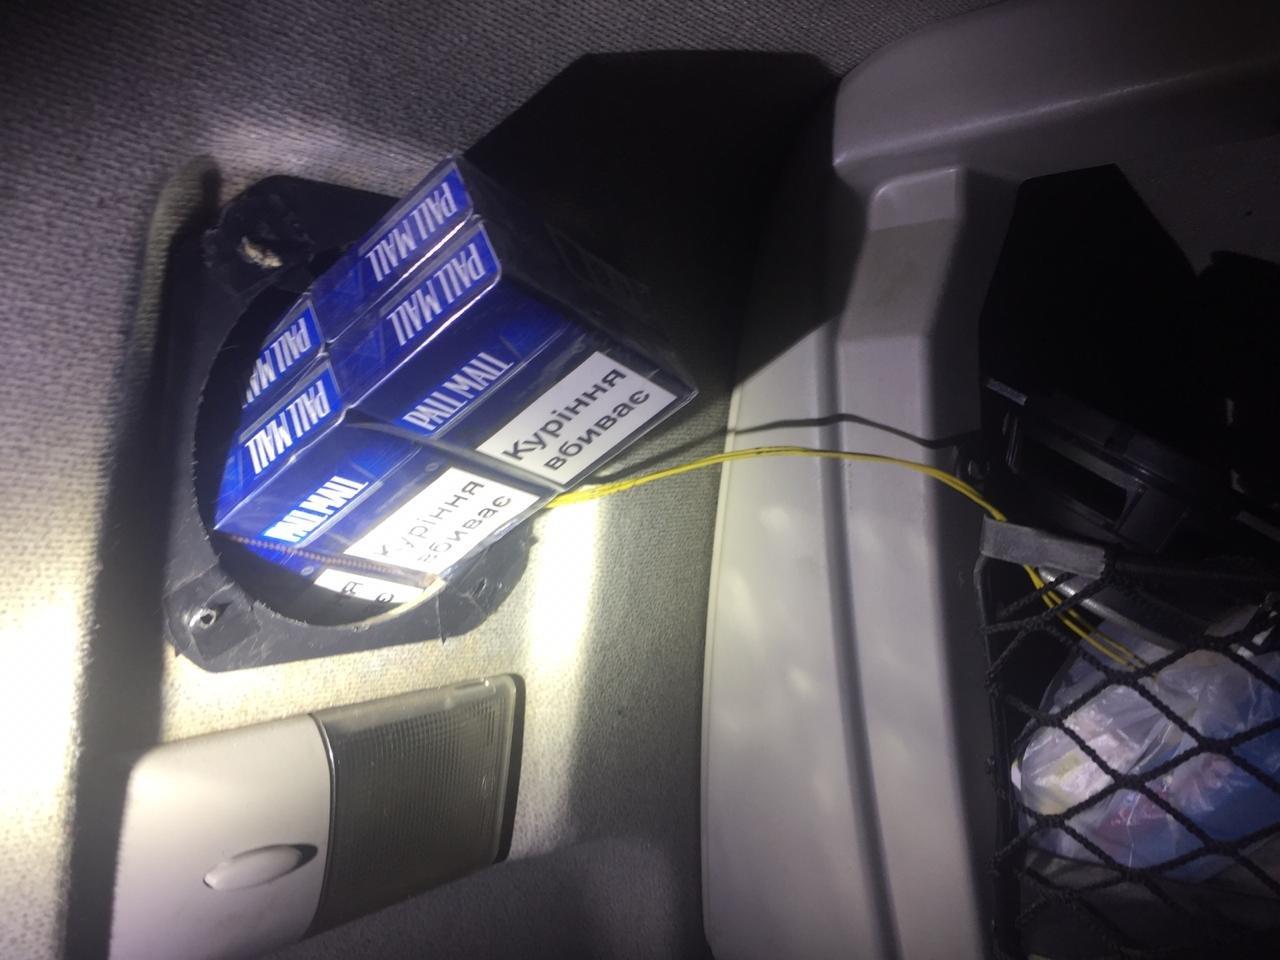 Закарпатські прикордонники забрали у водія тягач через приховані 1090 пачок цигарок (ФОТО), фото-2